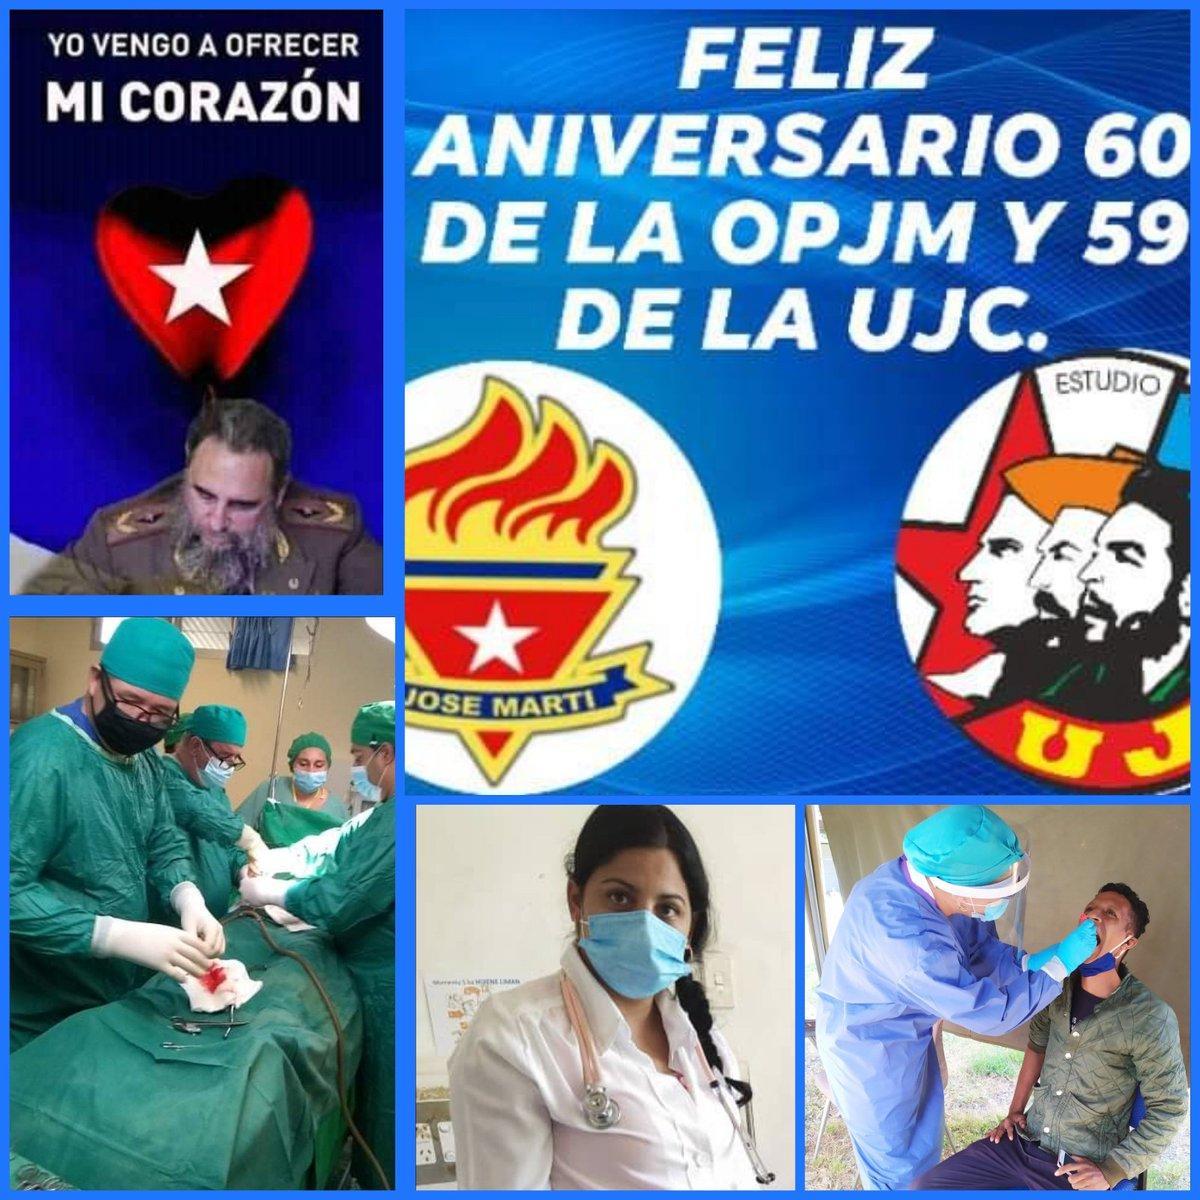 Las actividades estuvieron dirigidas también a celebrar el 95 cumpleaños del Comandante en jefe, Fidel Castro Ruz. Foto: Archivo